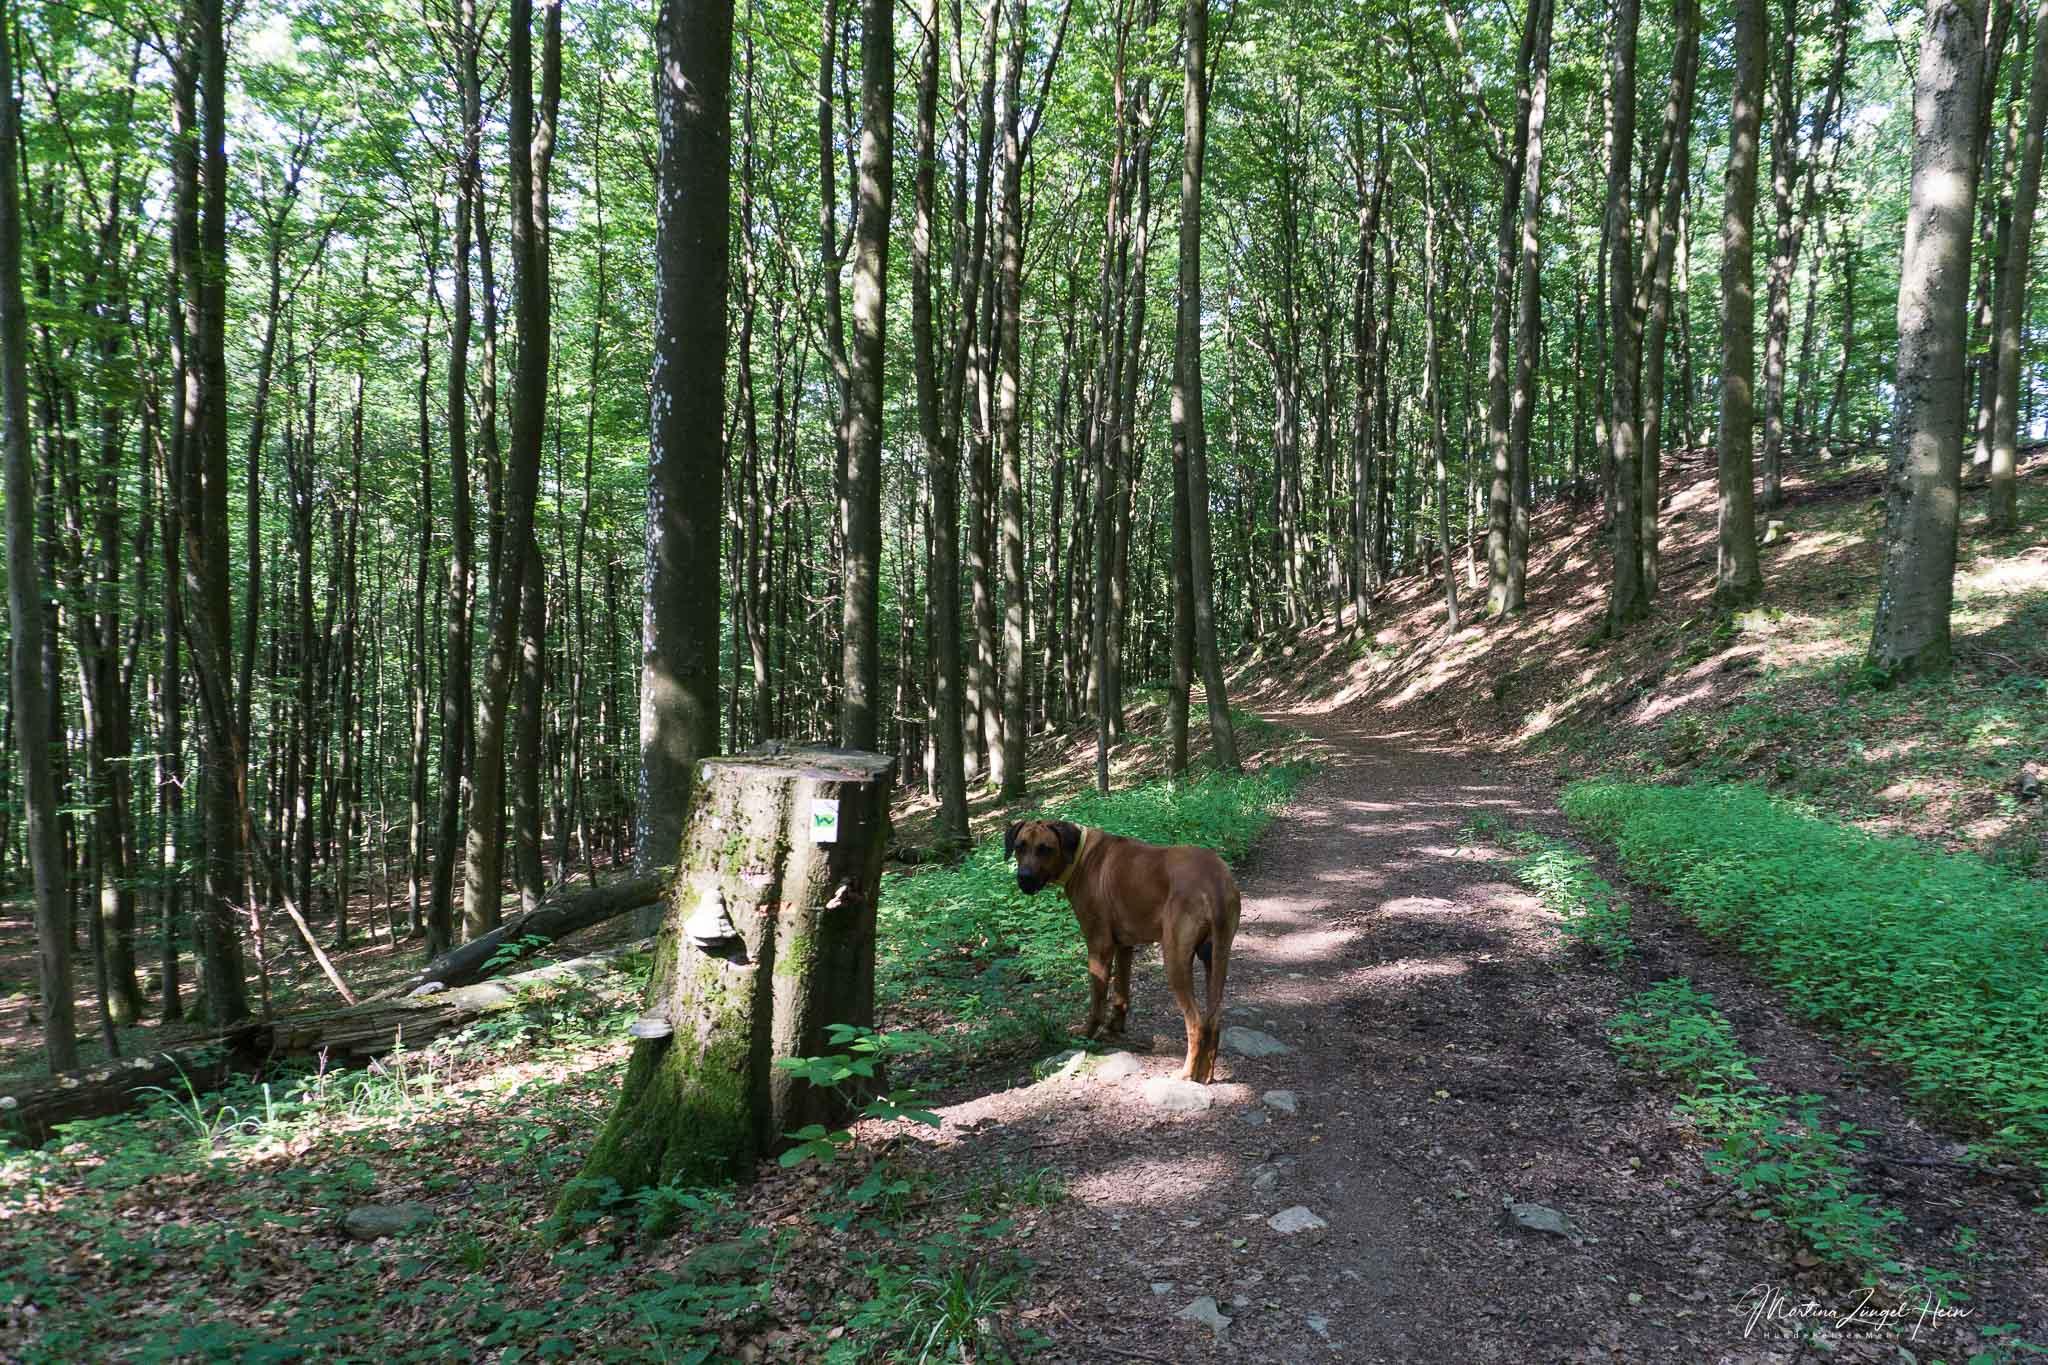 Die 16 Etappen des WesterwaldSteigs sind tolle und manchmal auch anstrengende Ausflugsziele im Westerwald